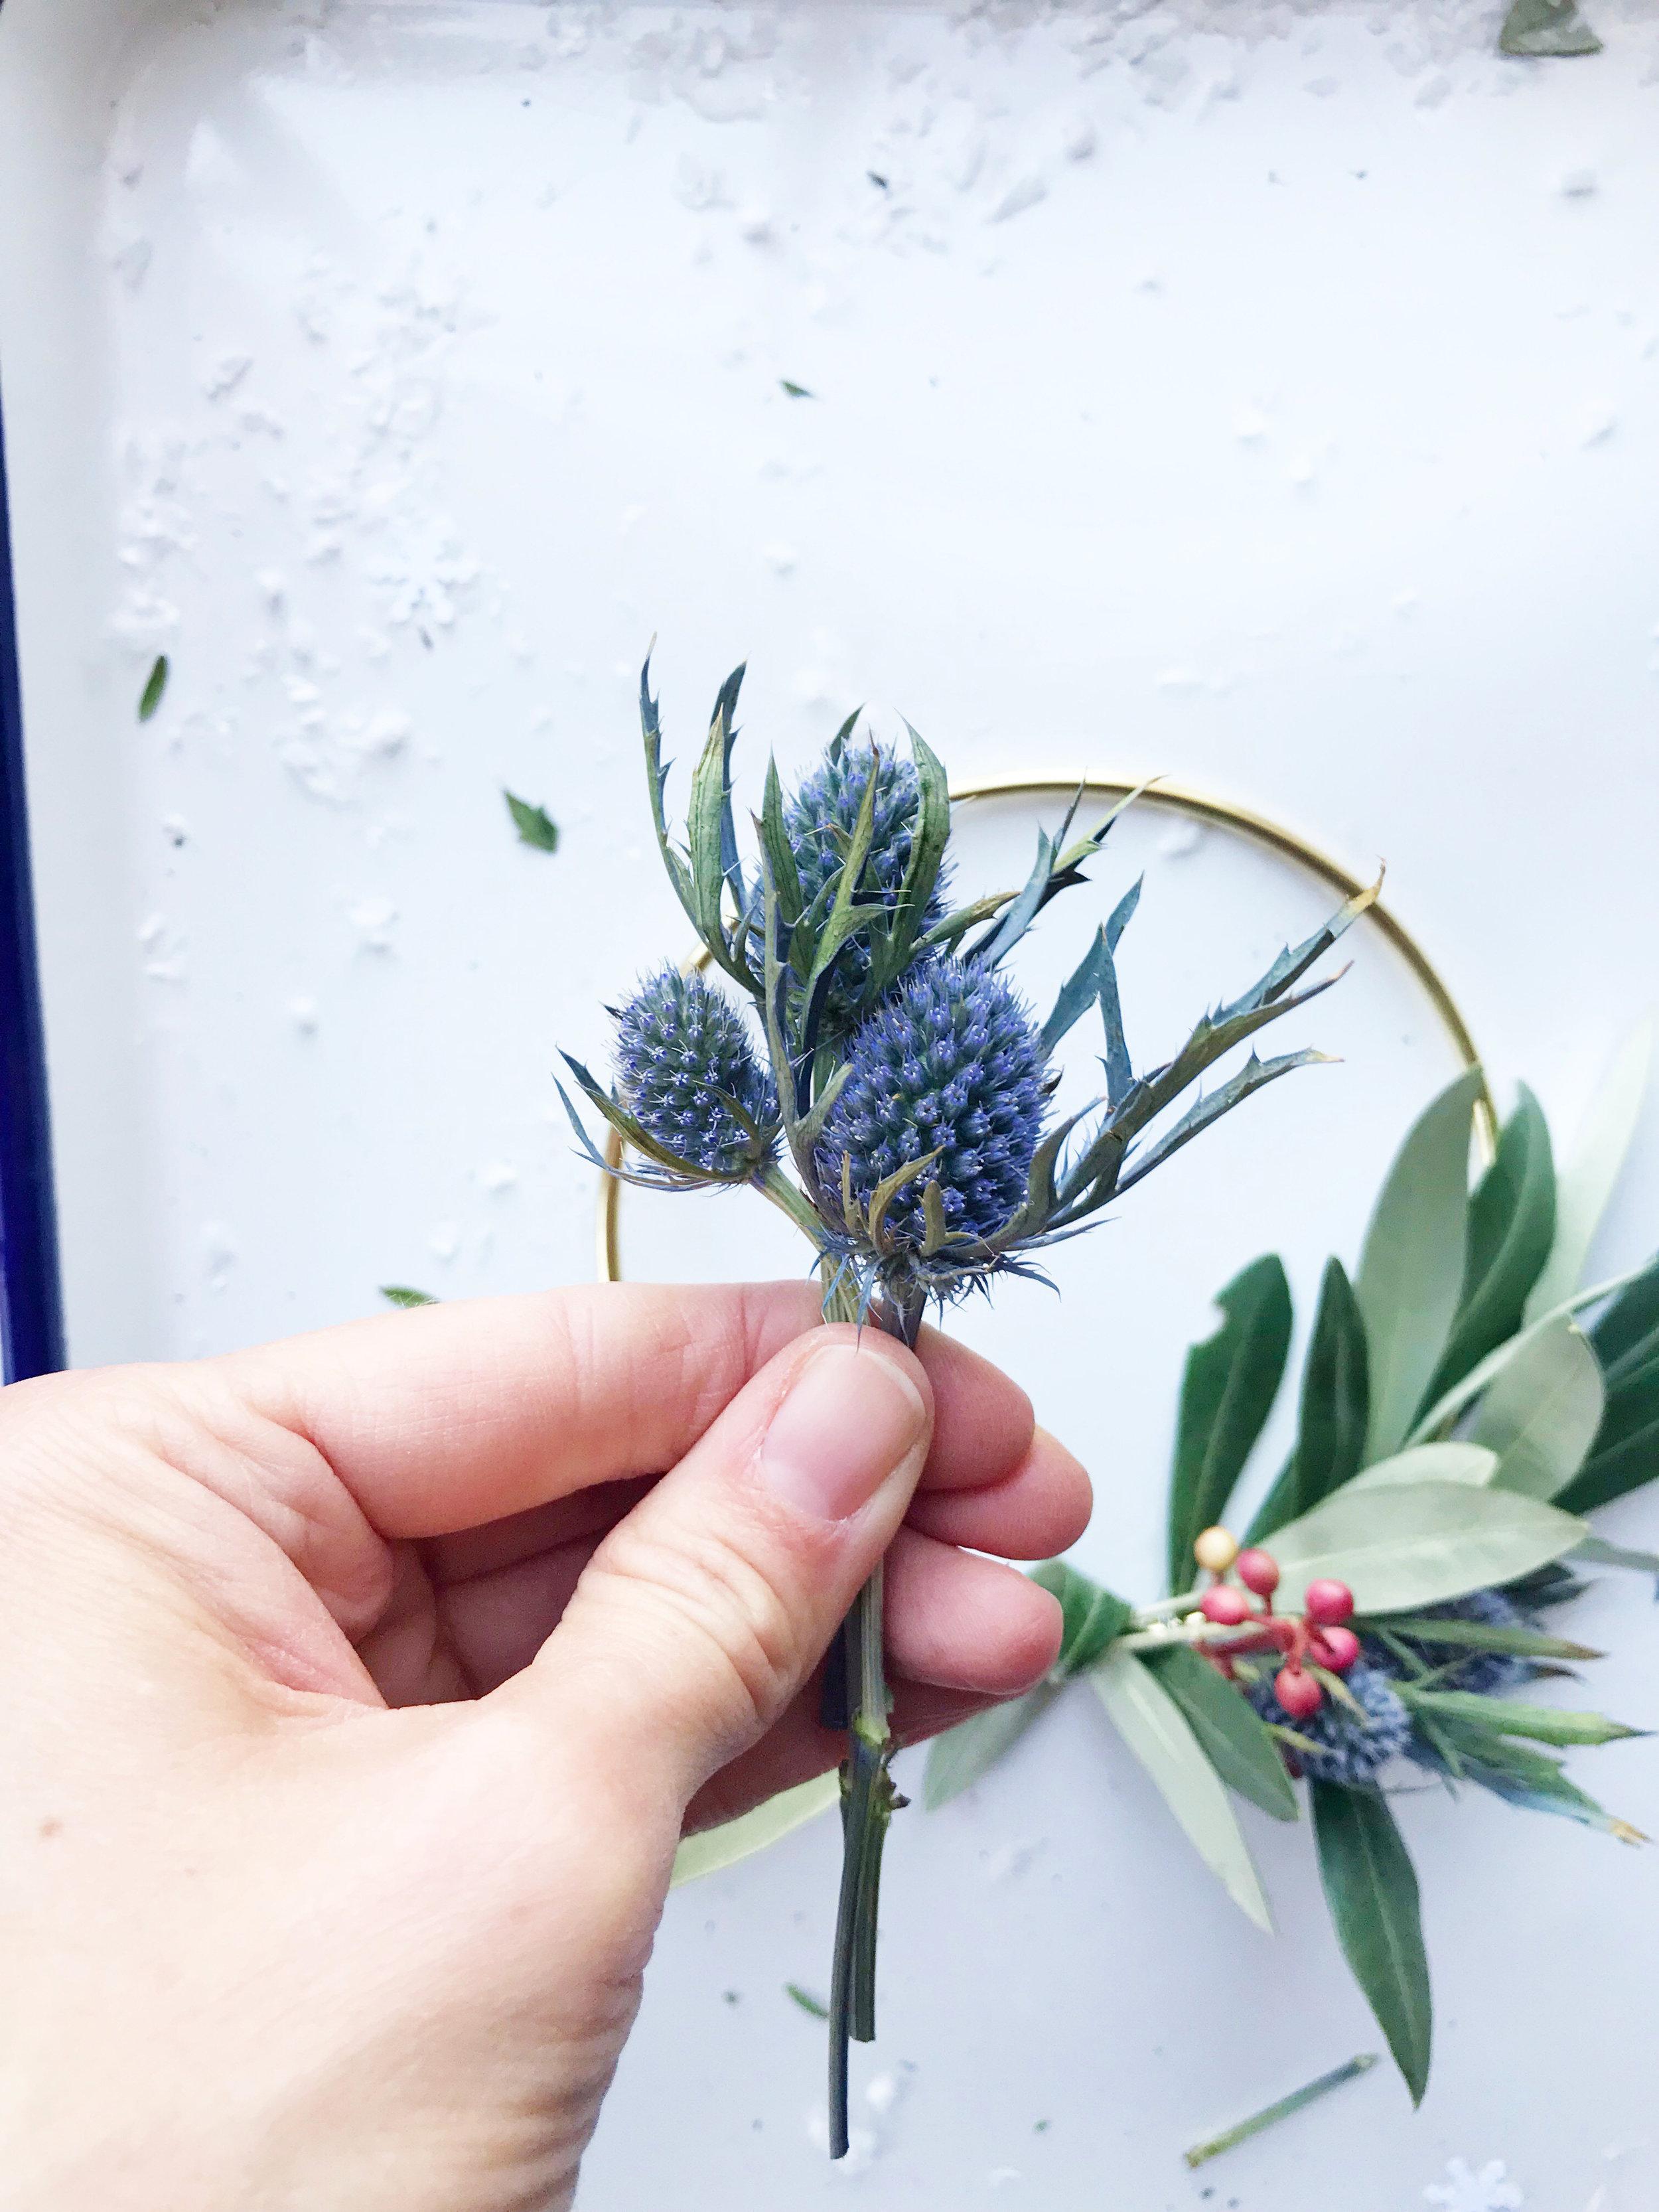 diy_hoiday_wreath_18.jpg